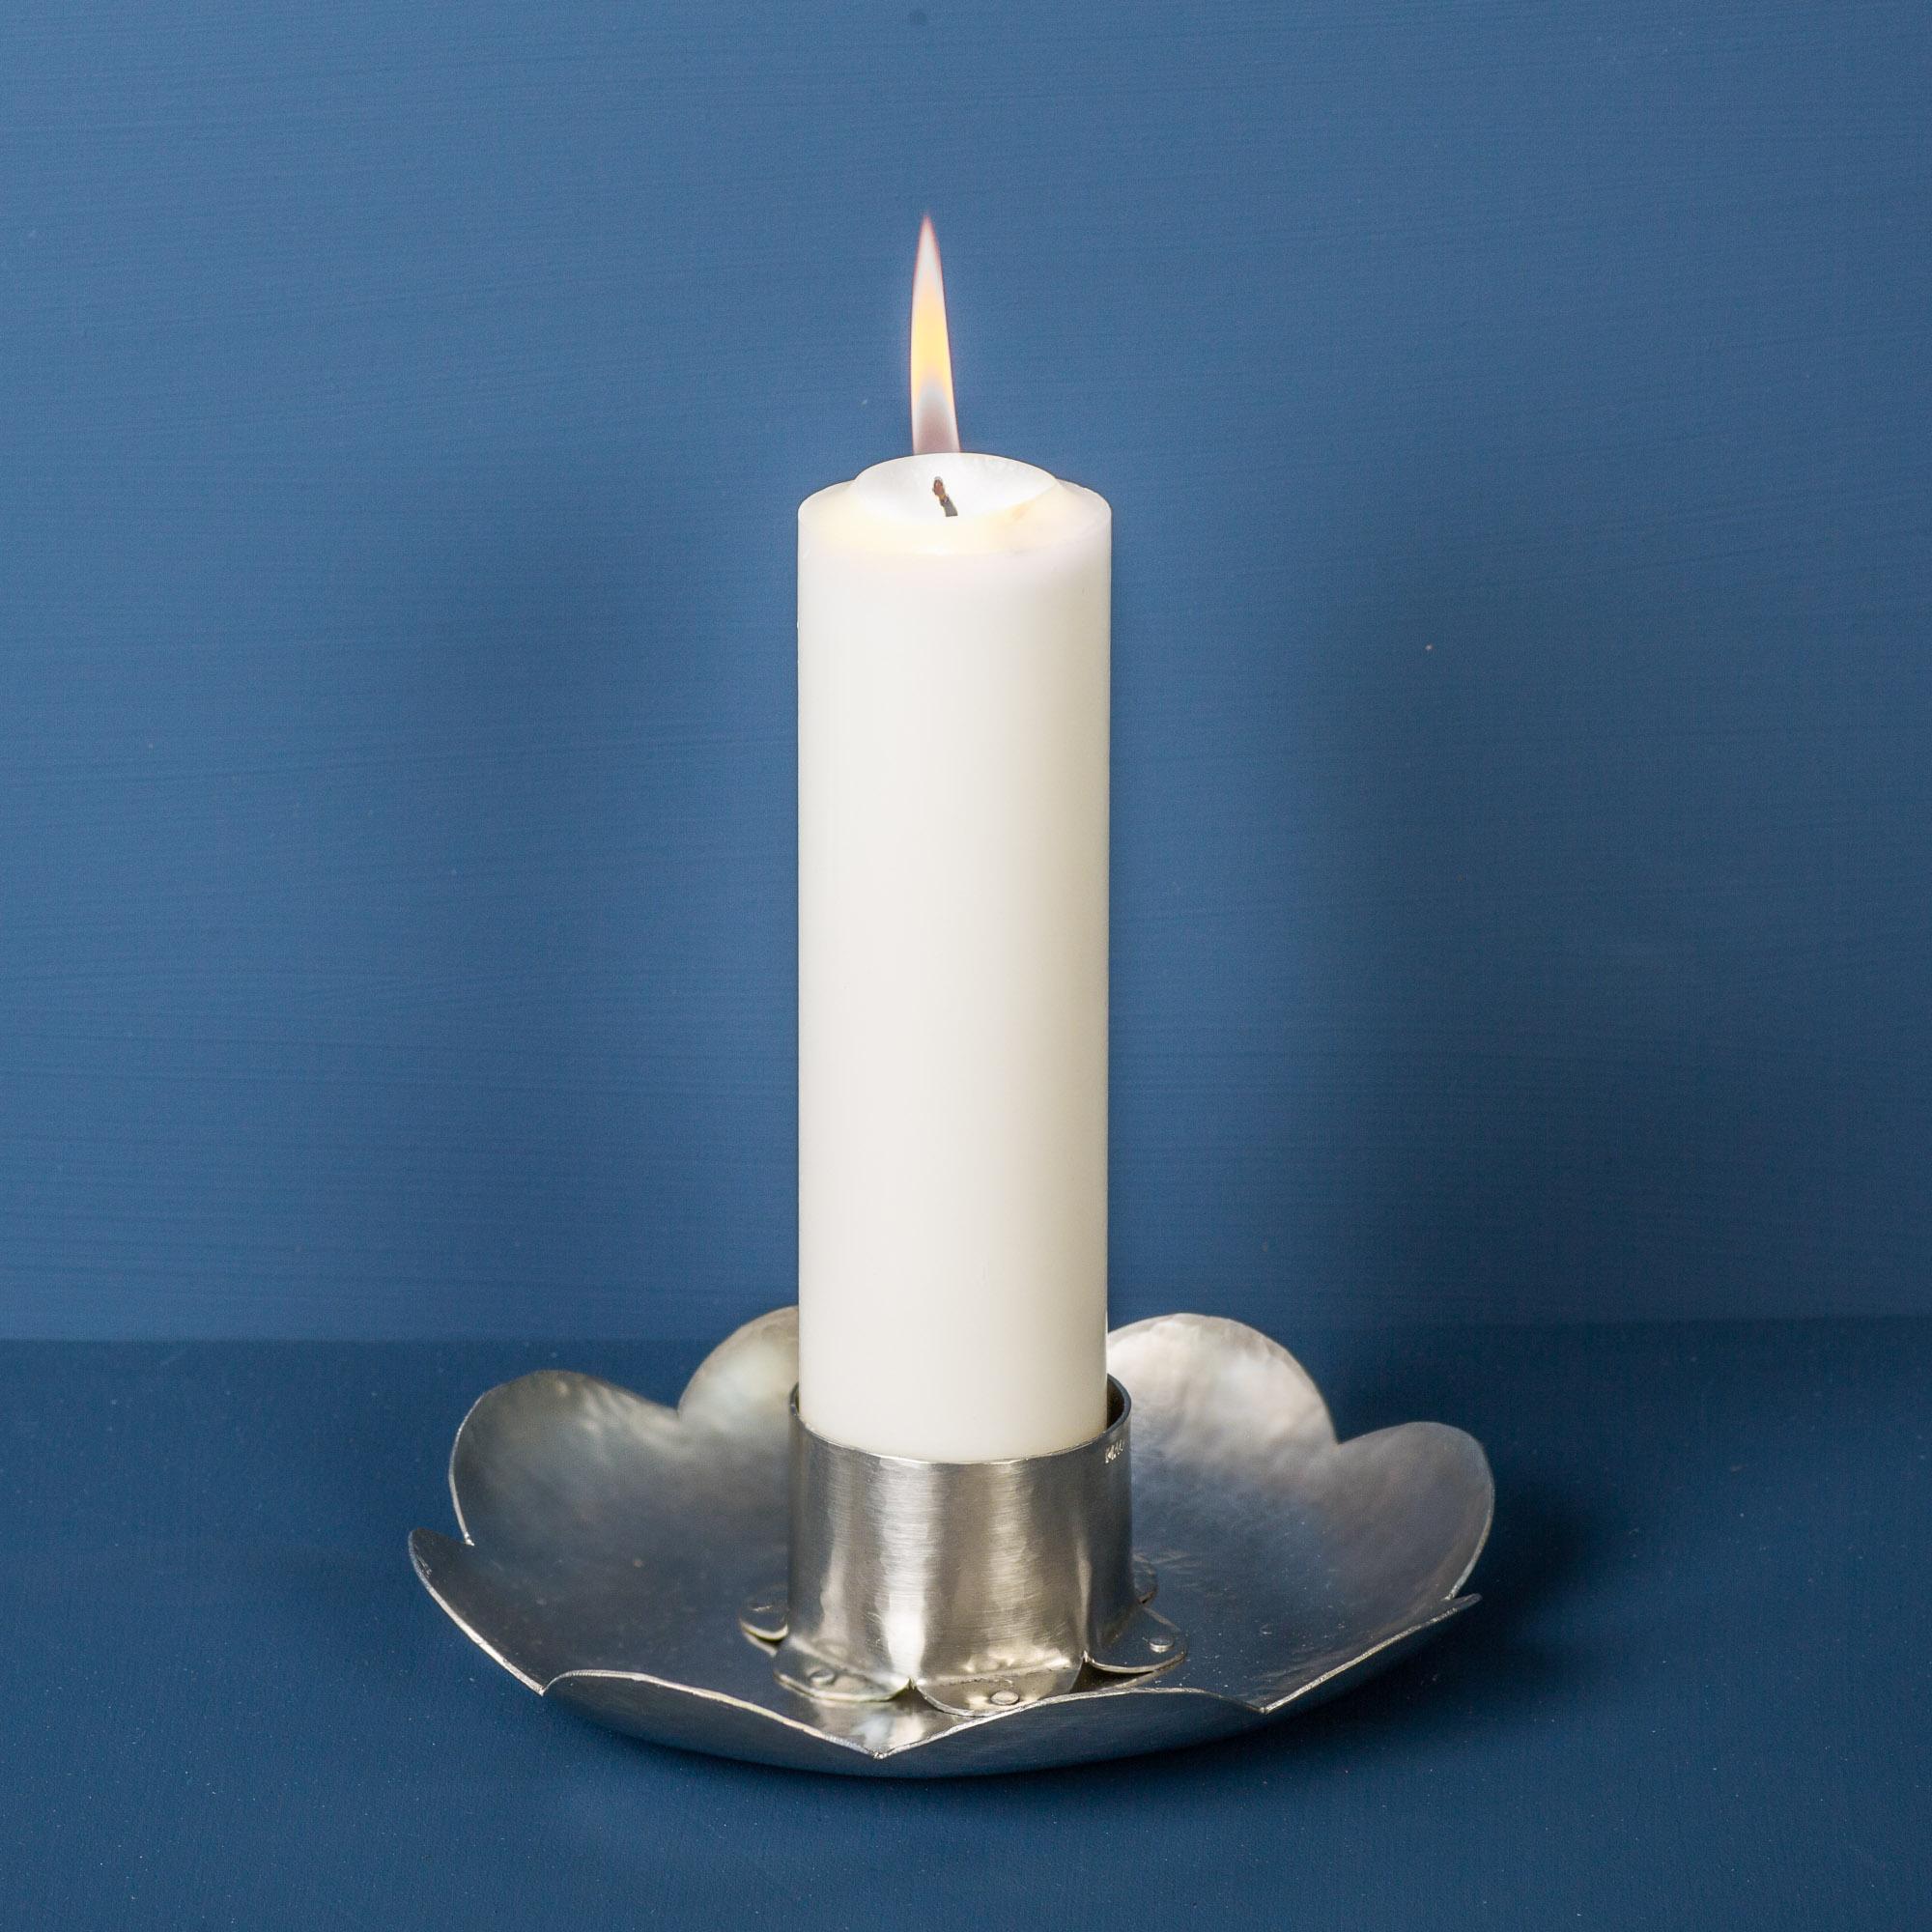 candlestick-flower-pewter-malinappelgren